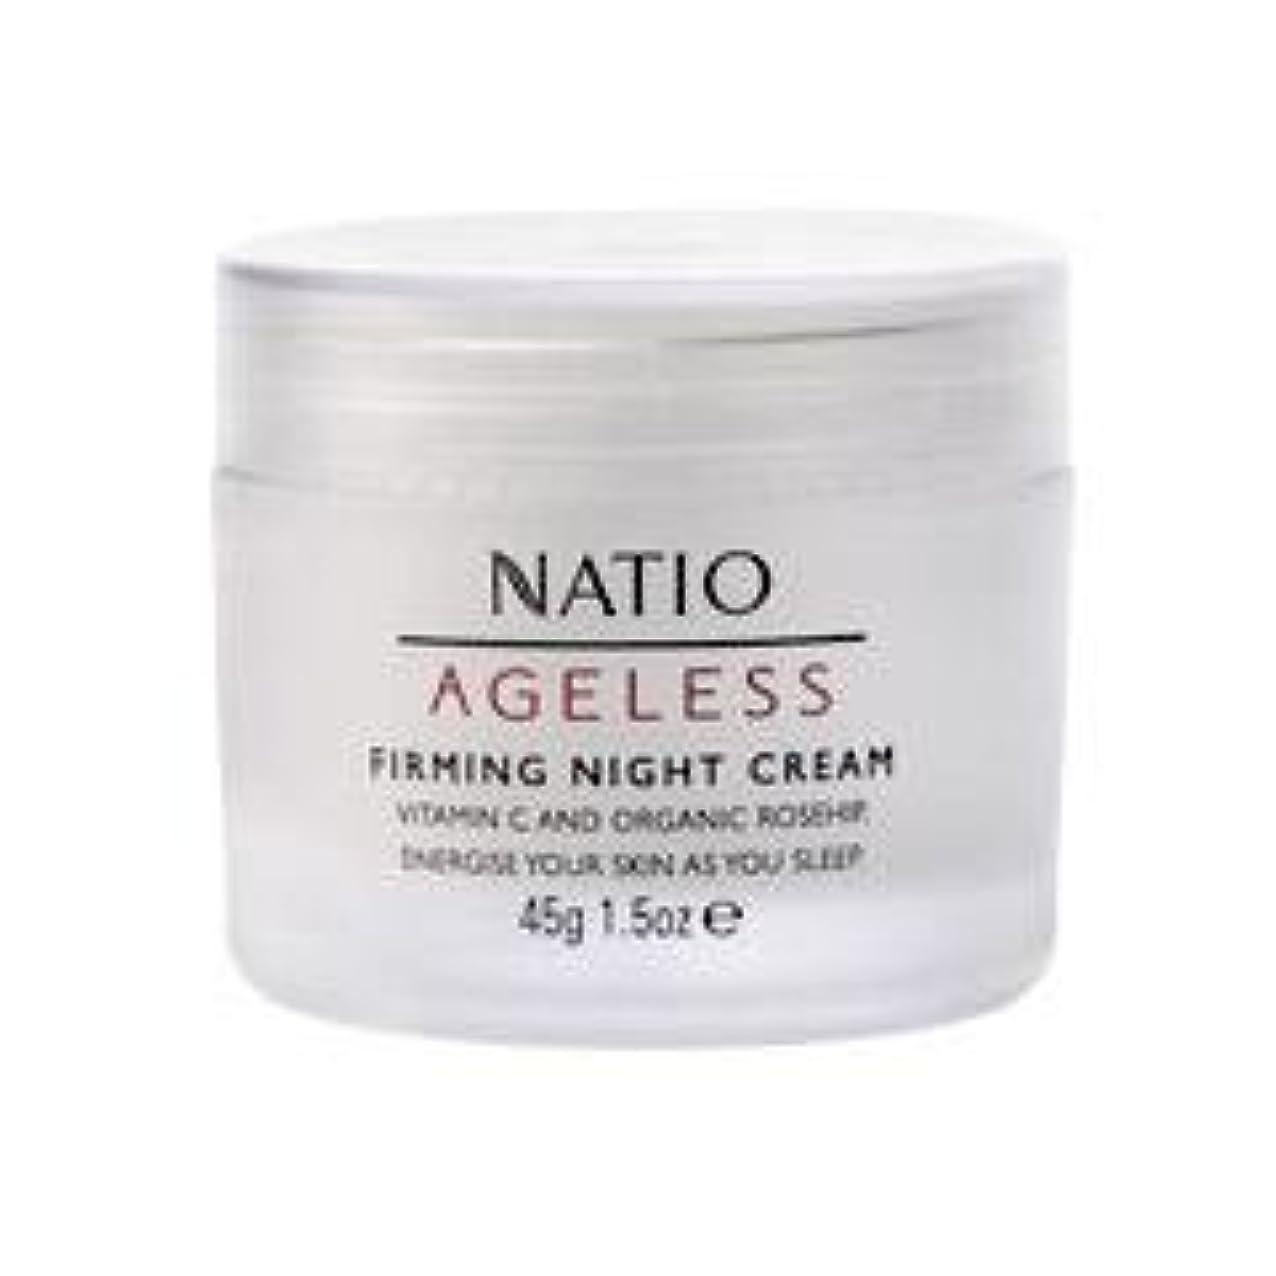 コイン一瞬確かめる【NATIO Ageless Firming Night Cream】 ナティオ ナイトクリーム [海外直送品]